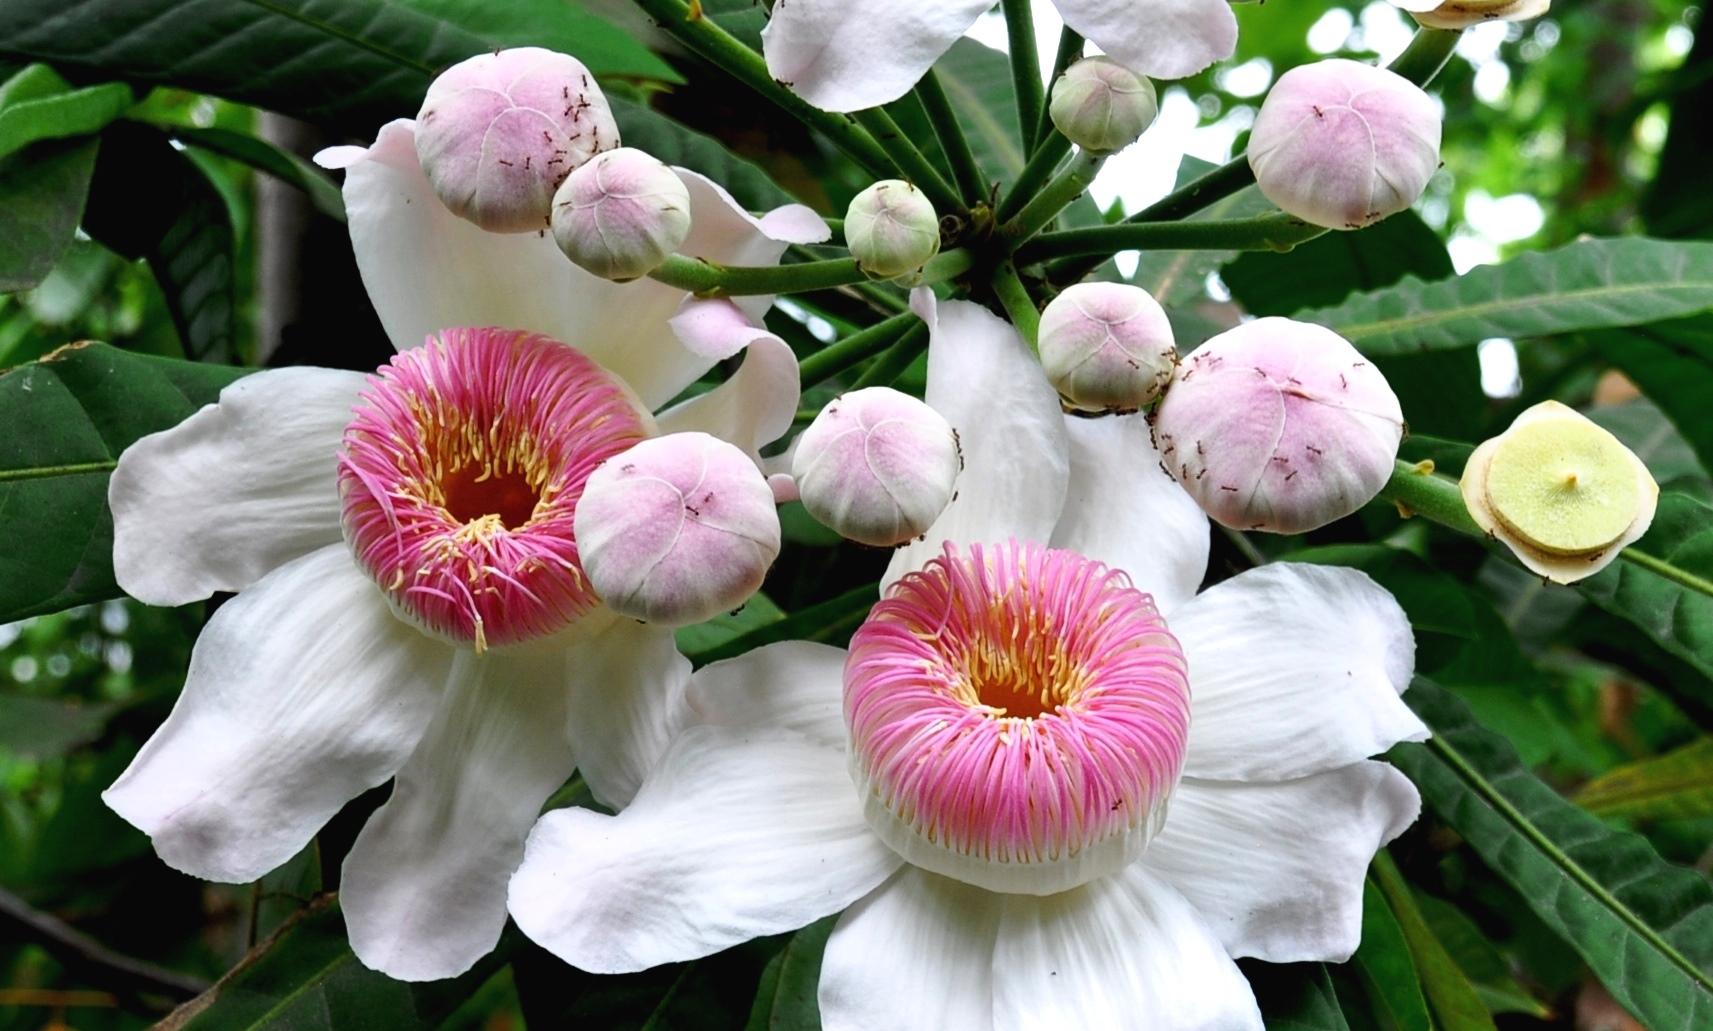 Blütenzauber – Zauberblüten? | A magical floral sight